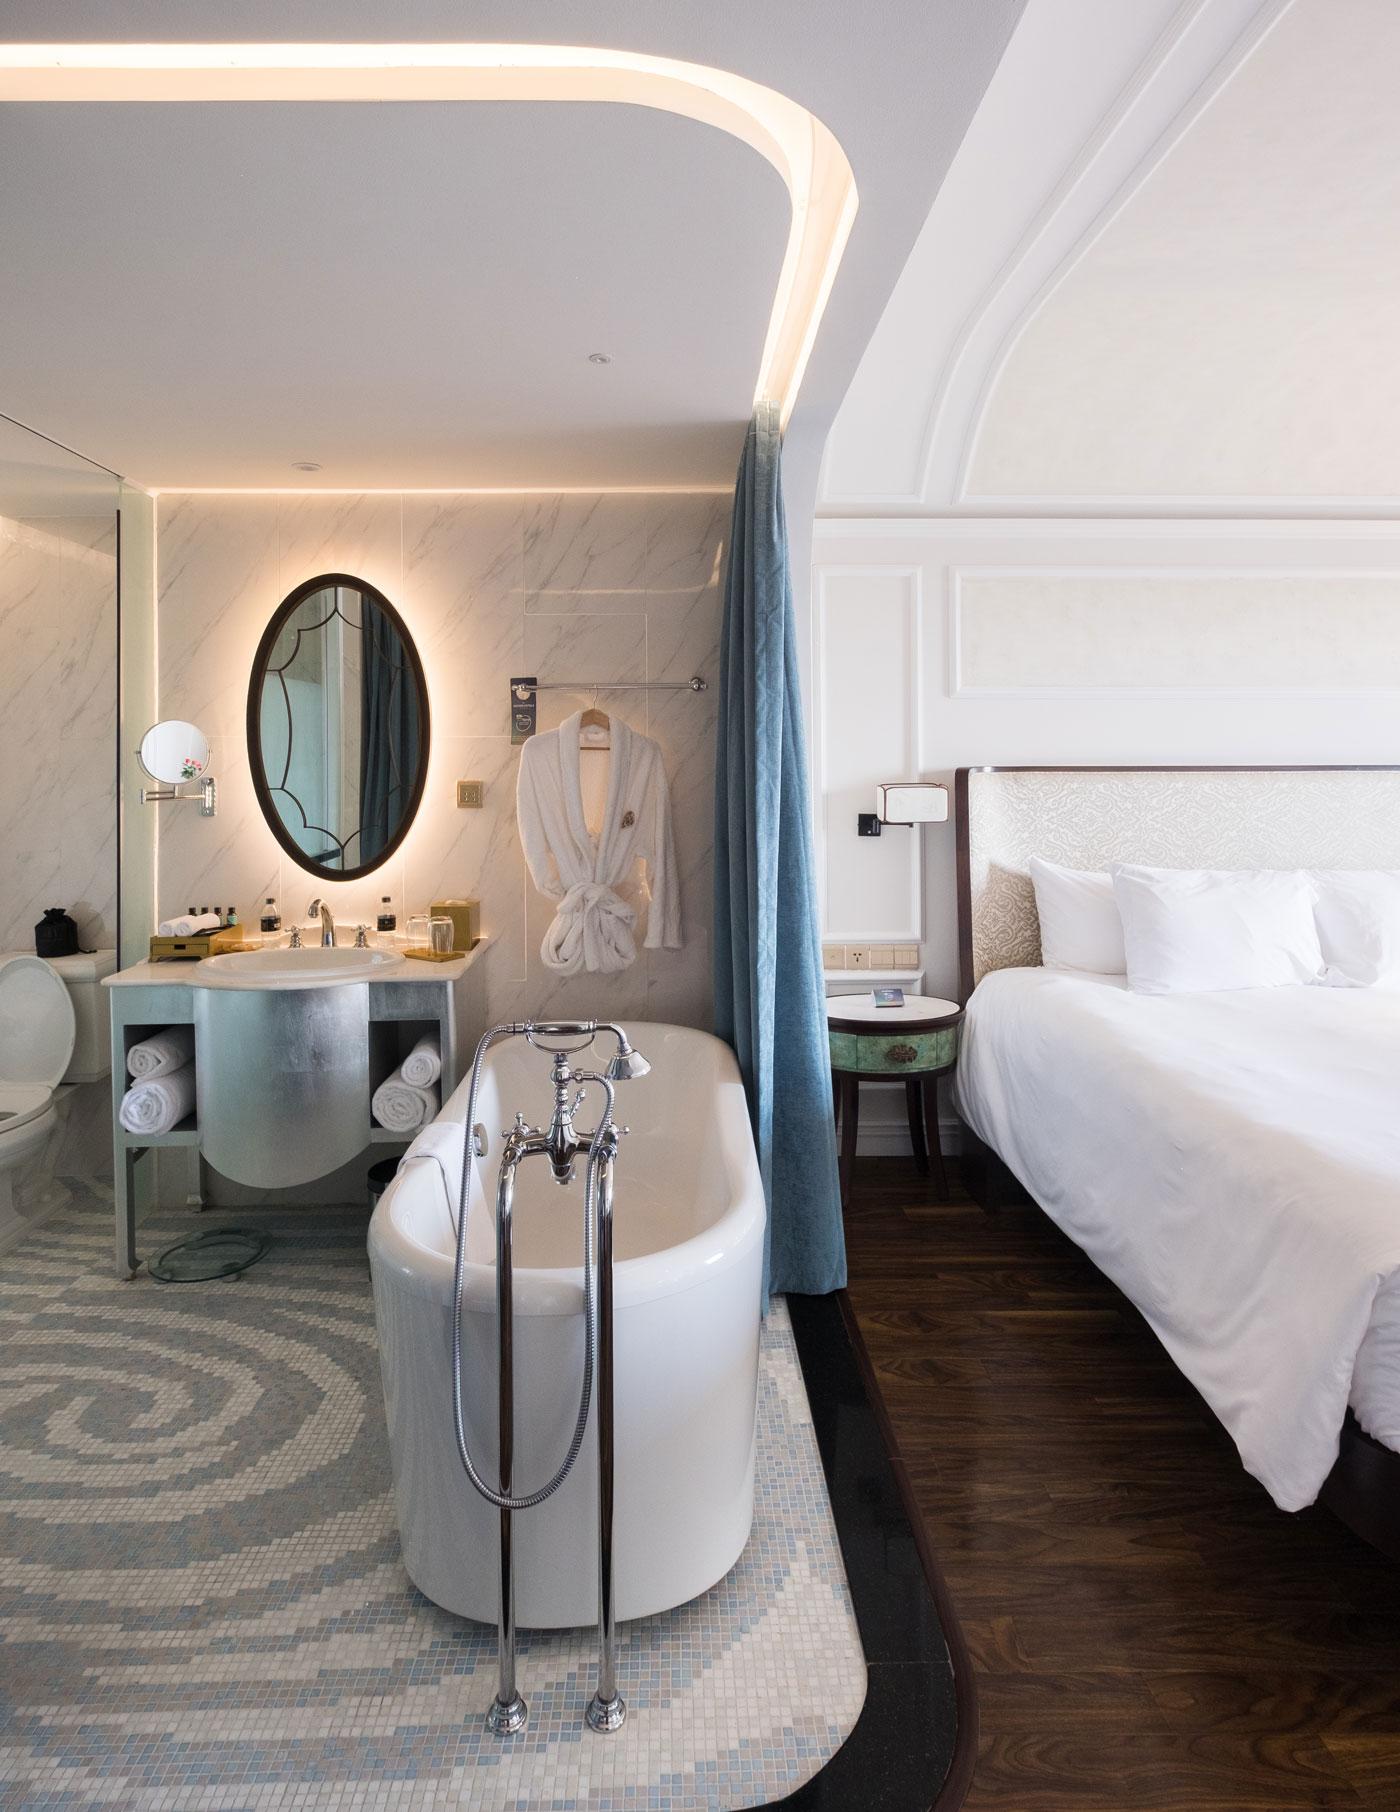 Hotel Royal Hoi An bathroom